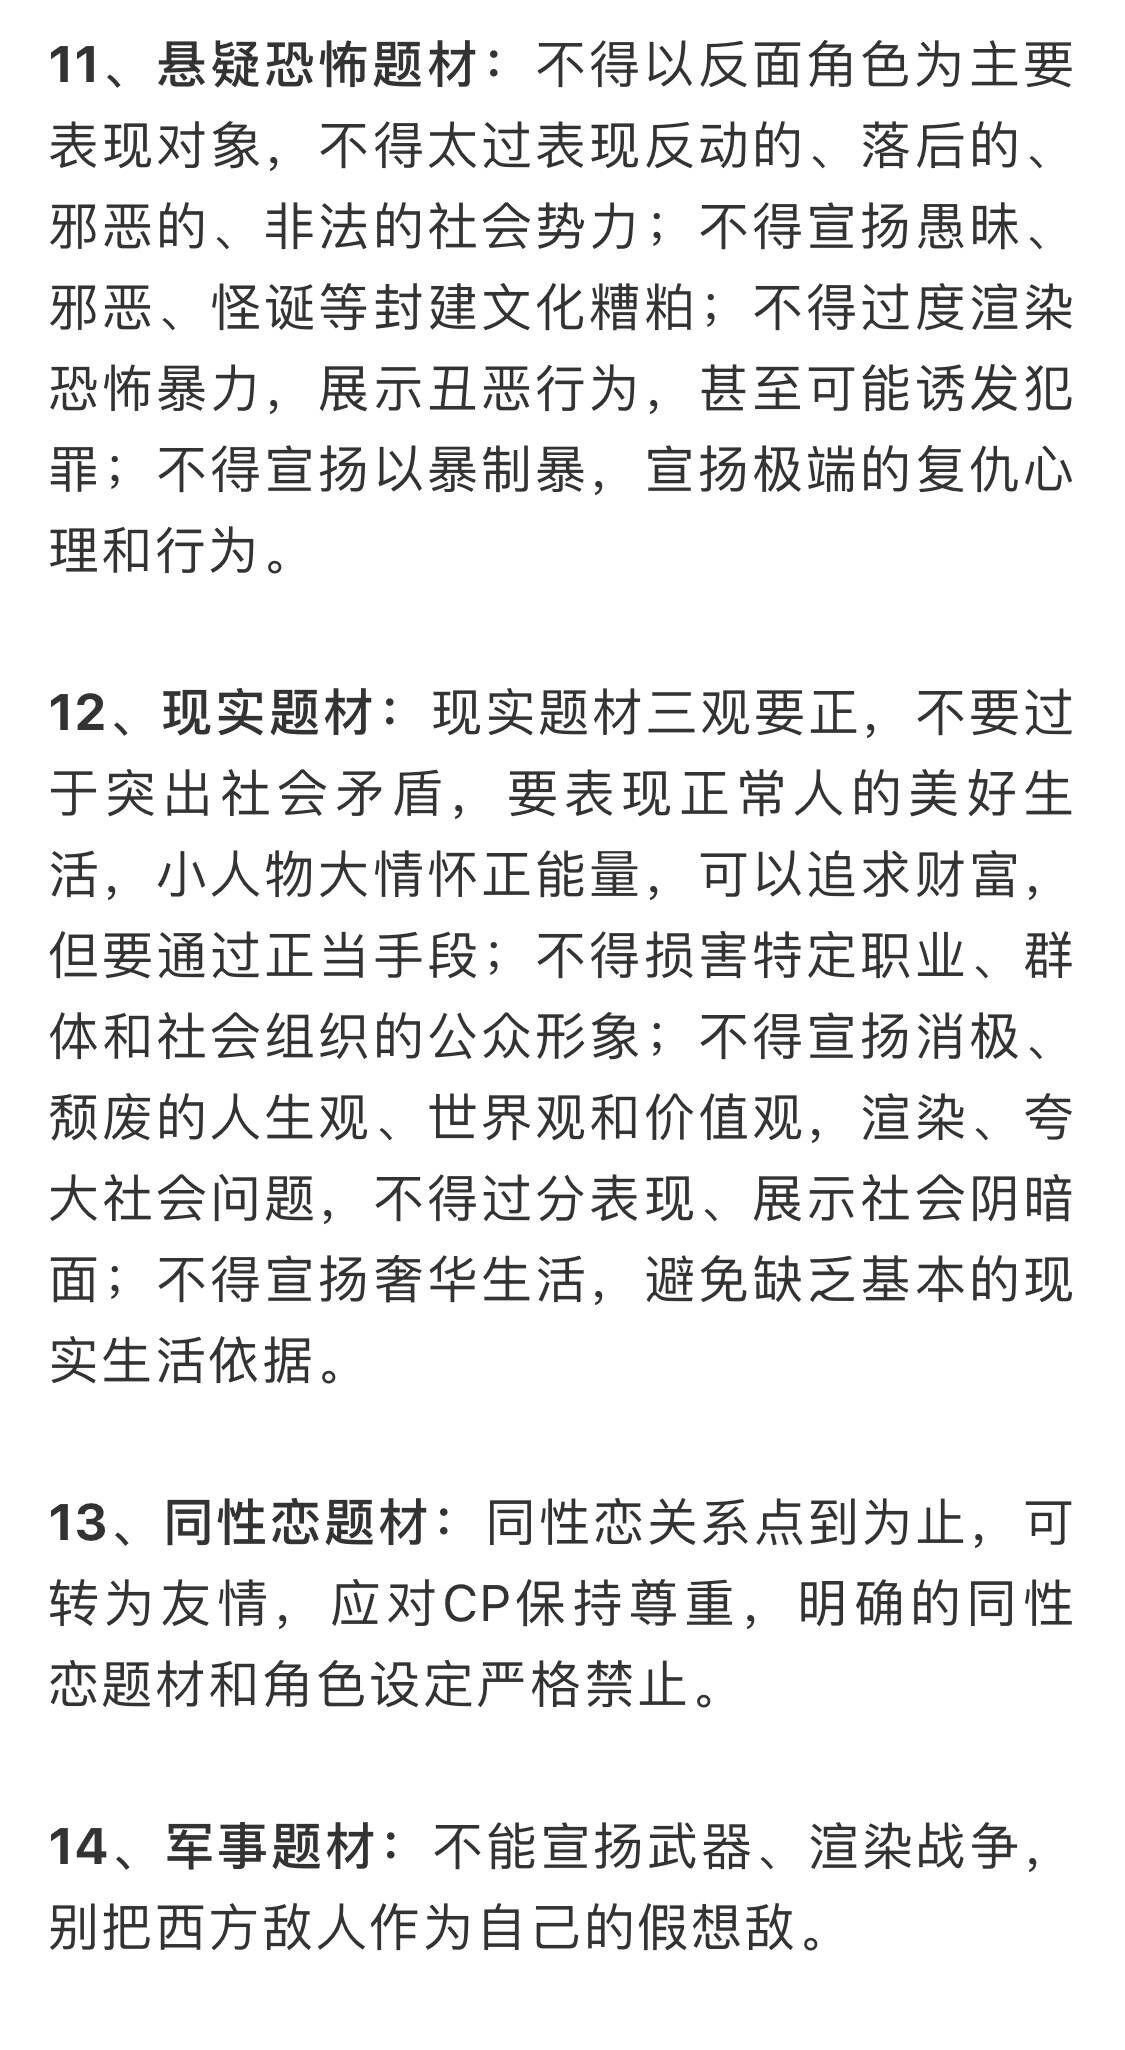 日本同性题材电视剧_CHAi - 微博国际版 【Q3广电政策:剧集审查标准更加严格】根据 ...